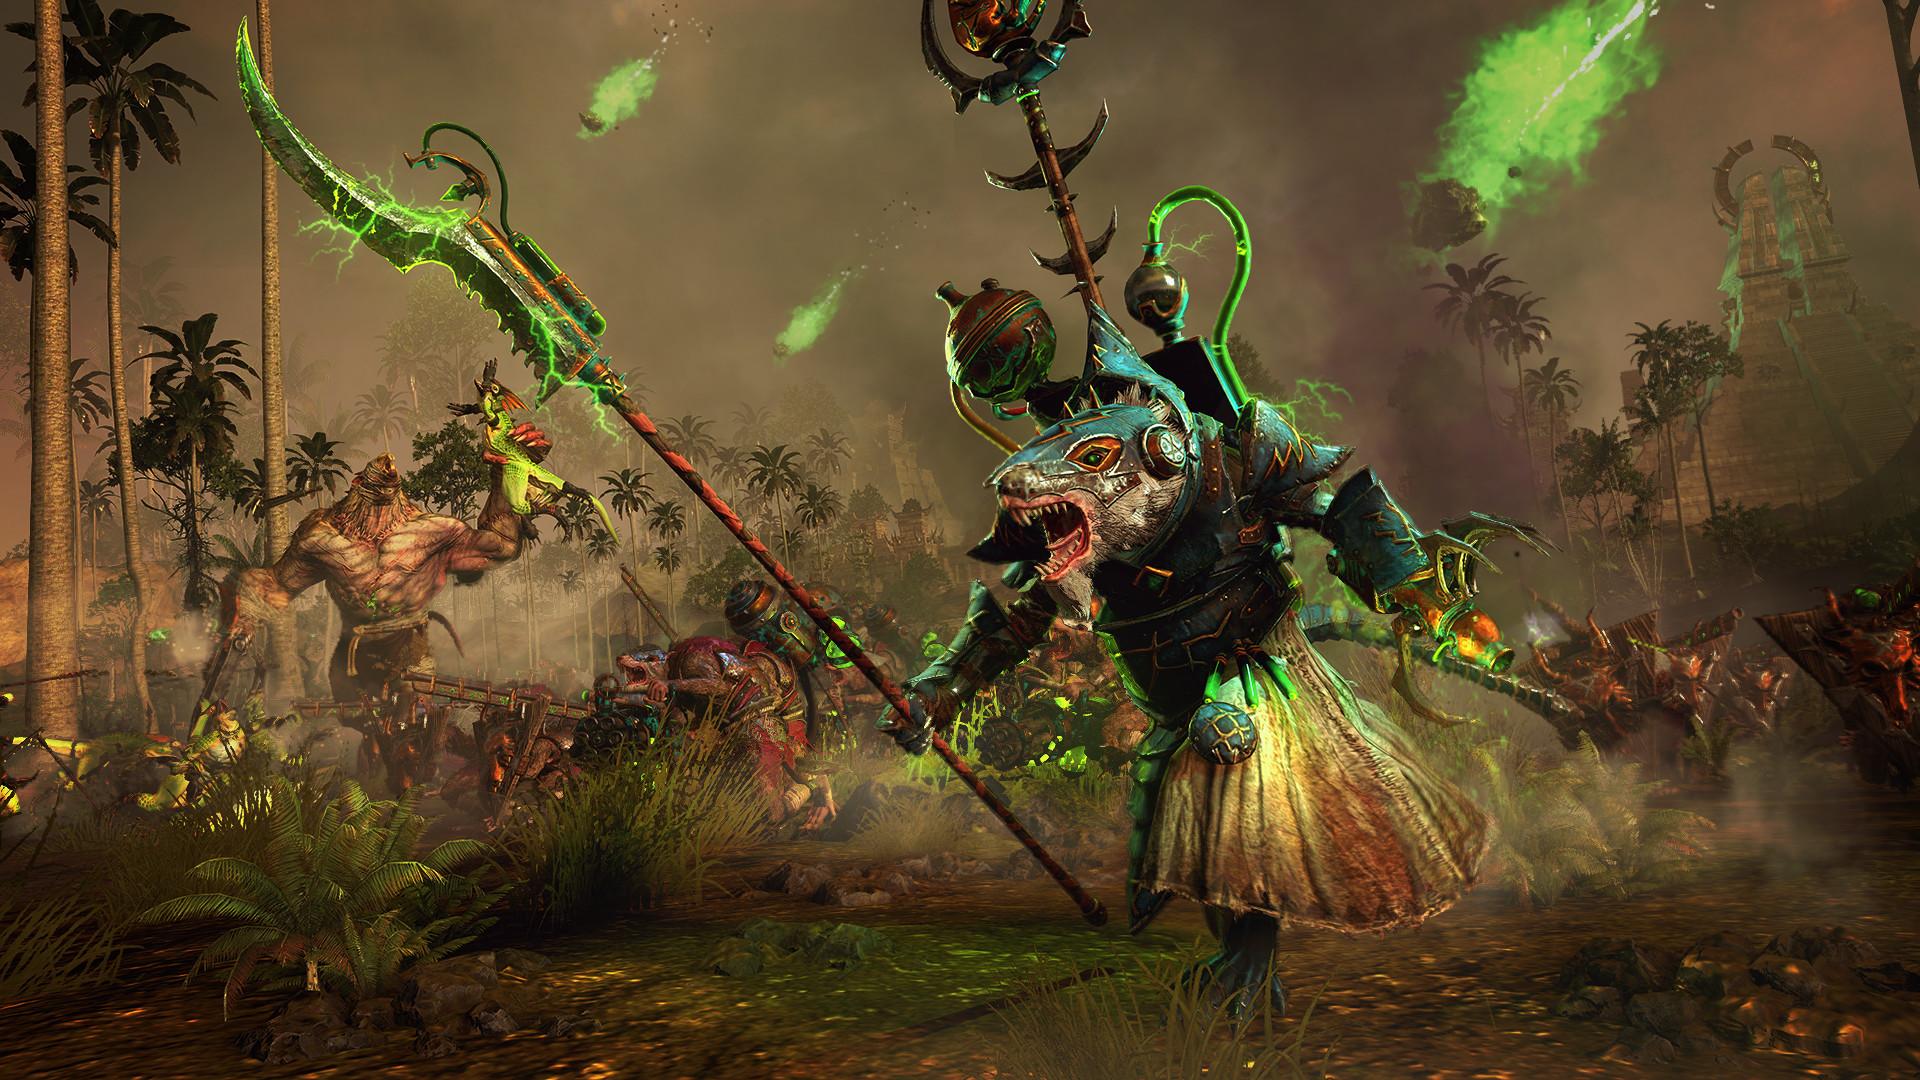 《全面战争:战锤2》 新DLC预告竟与 《铁血战士》 场景相似